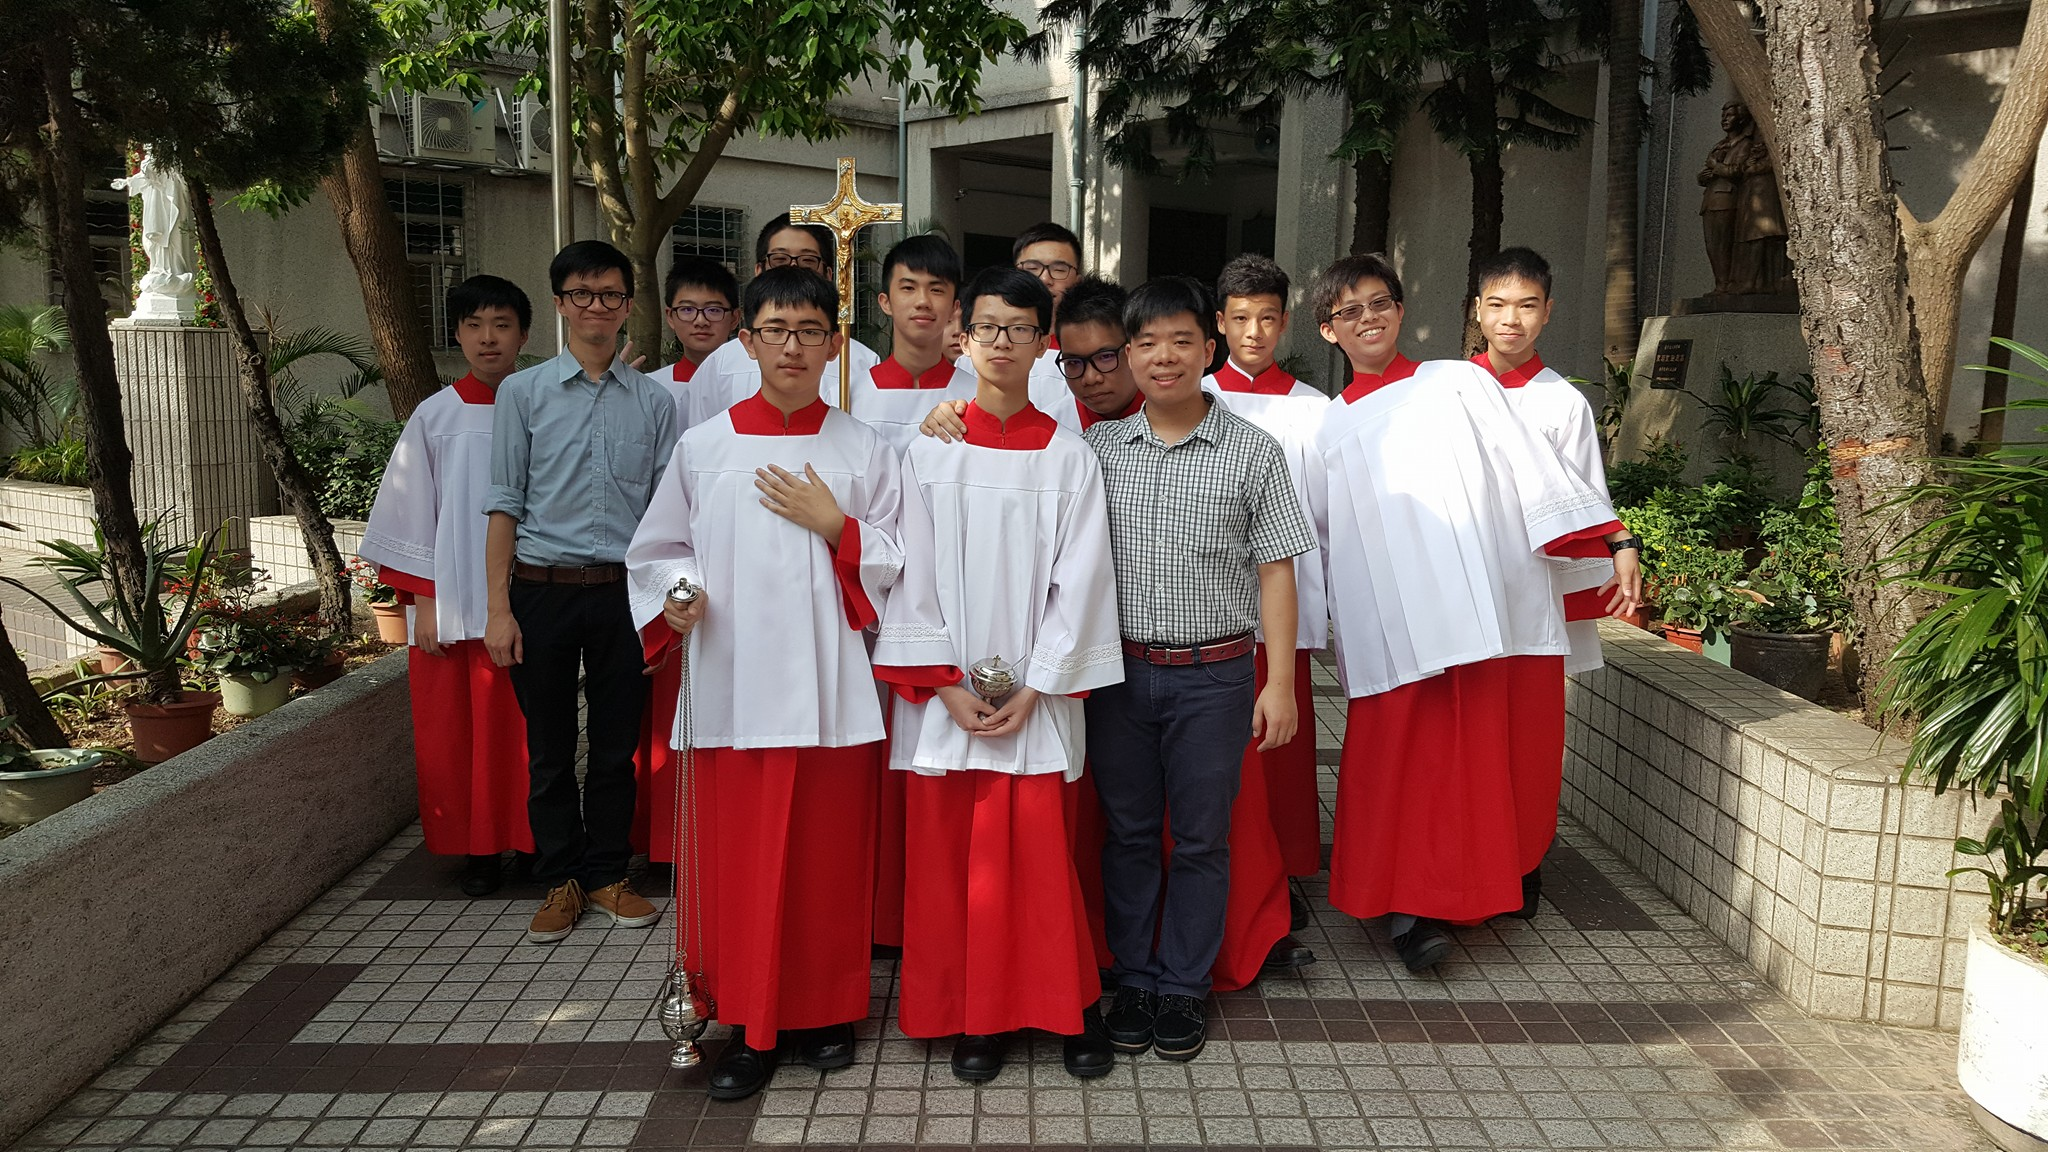 慈青輔祭會